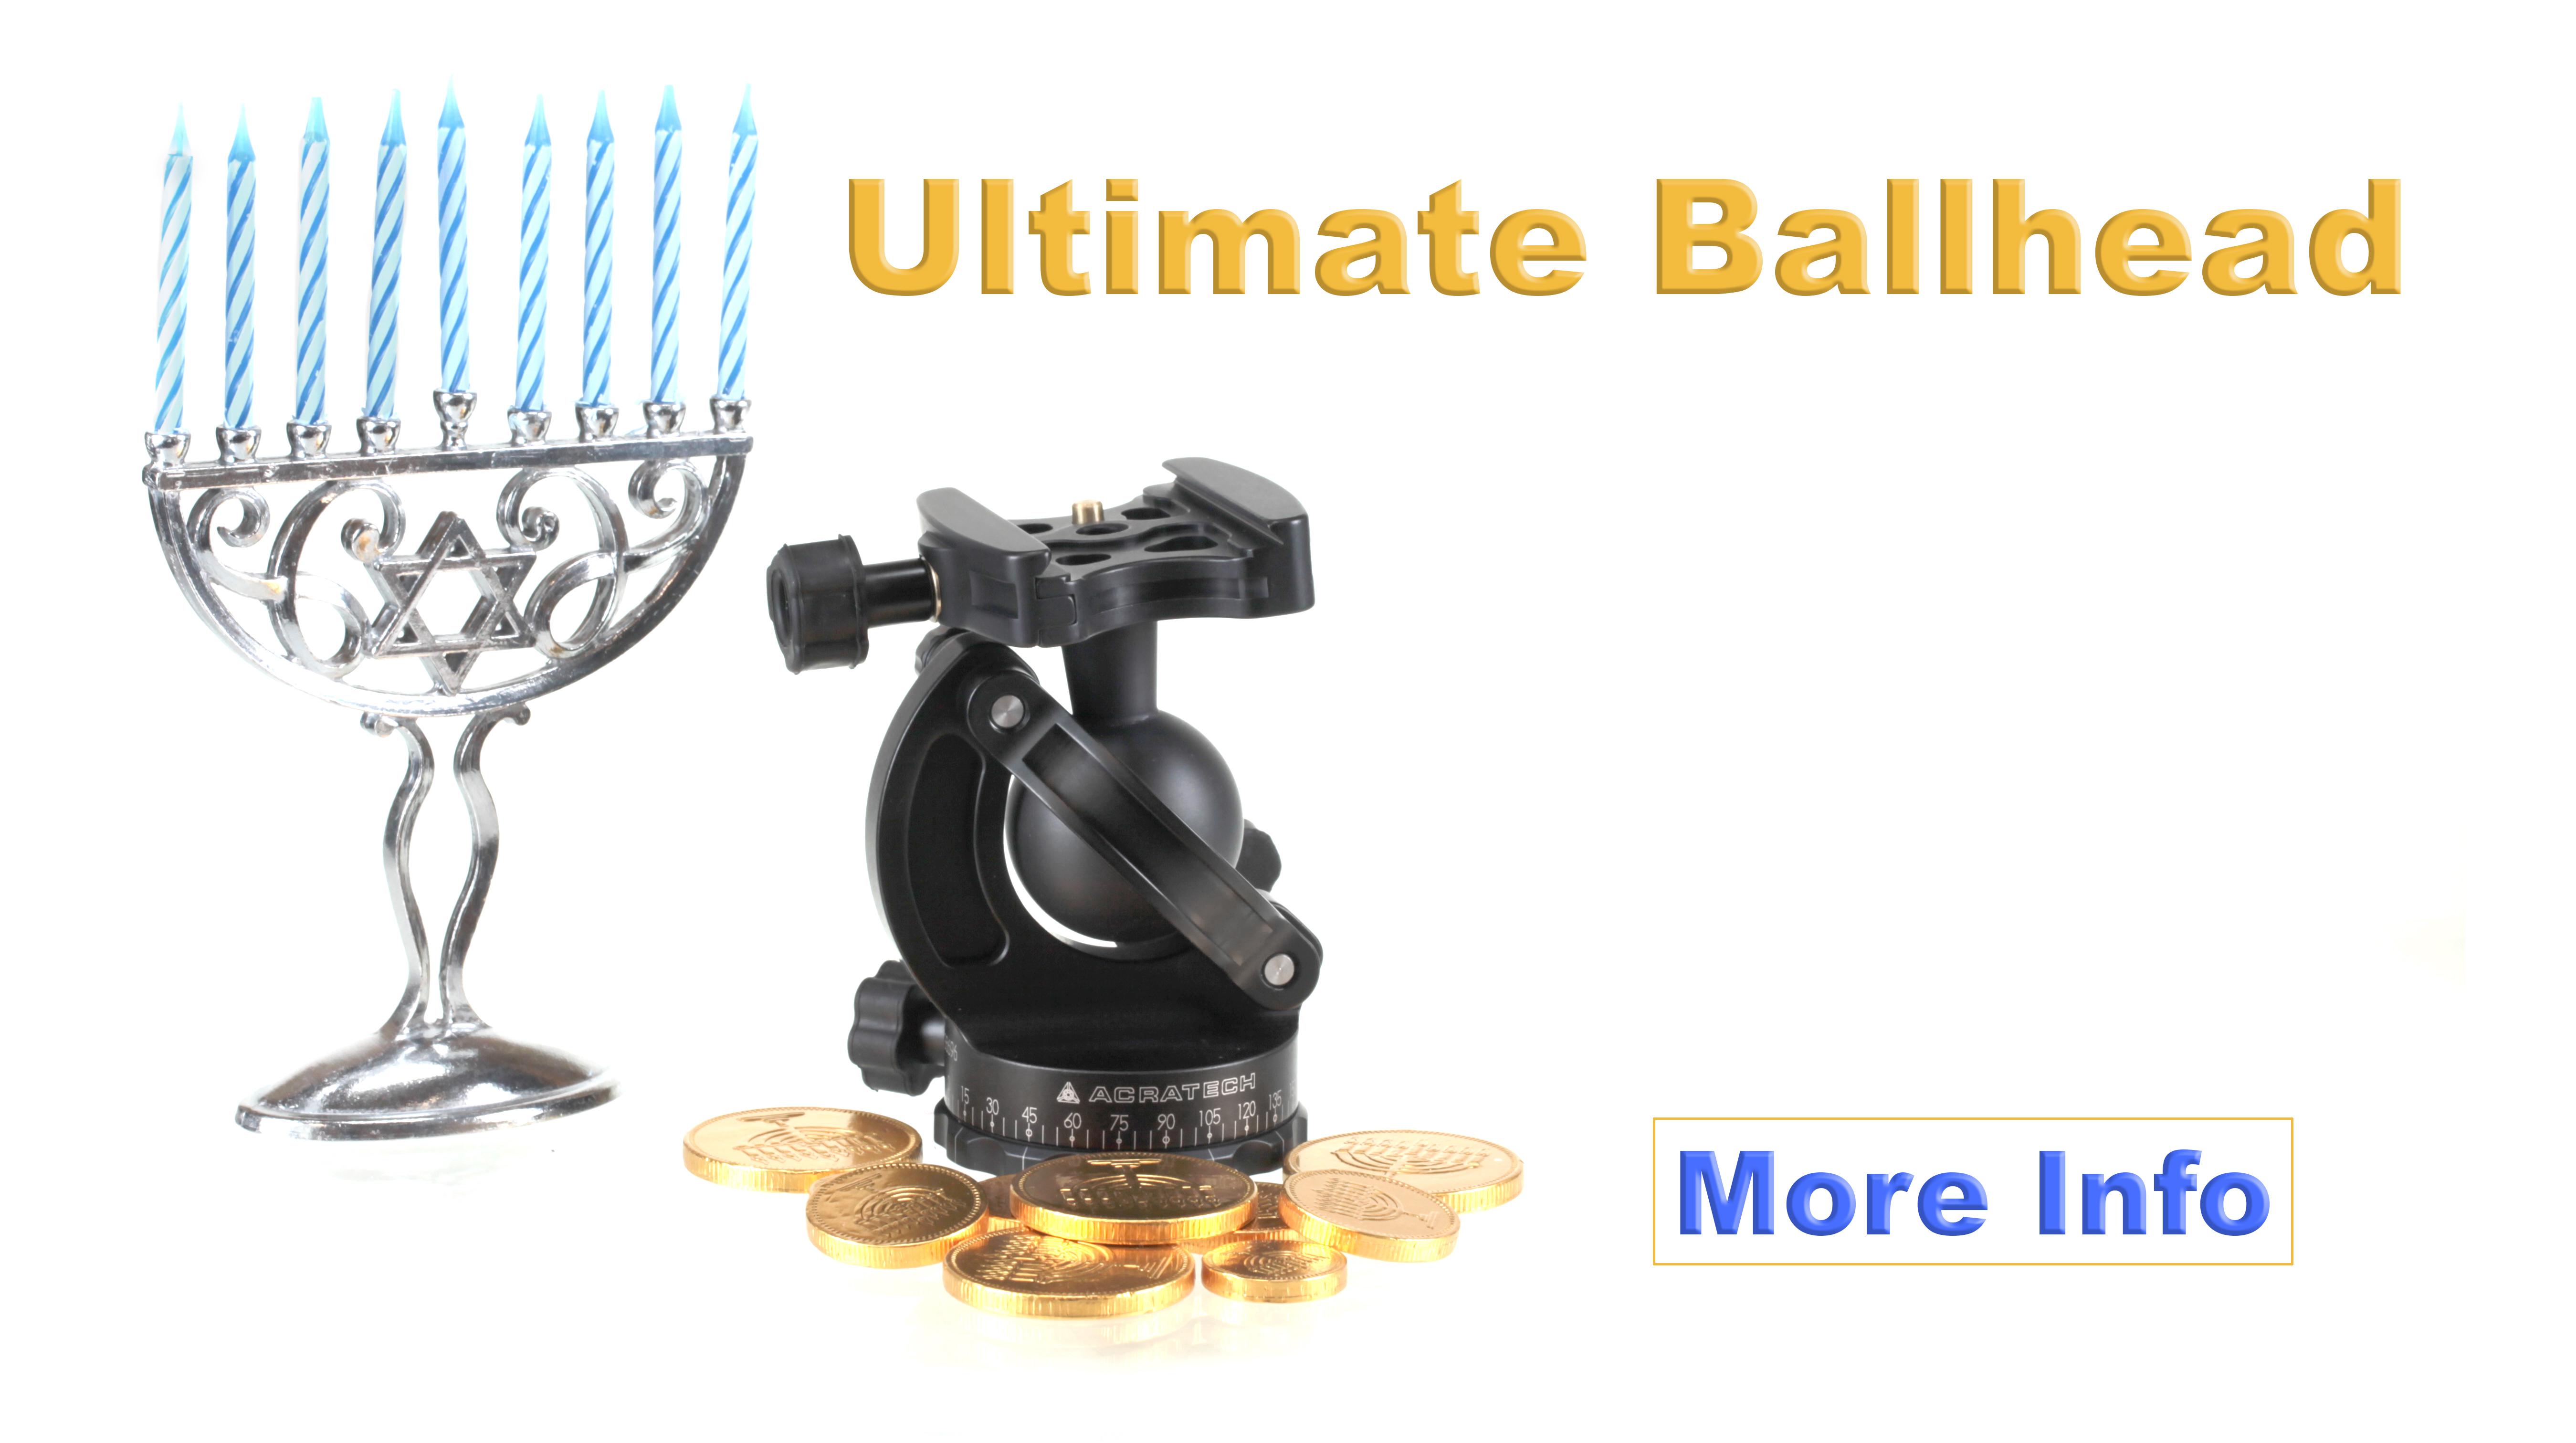 Ultimate Ballhead